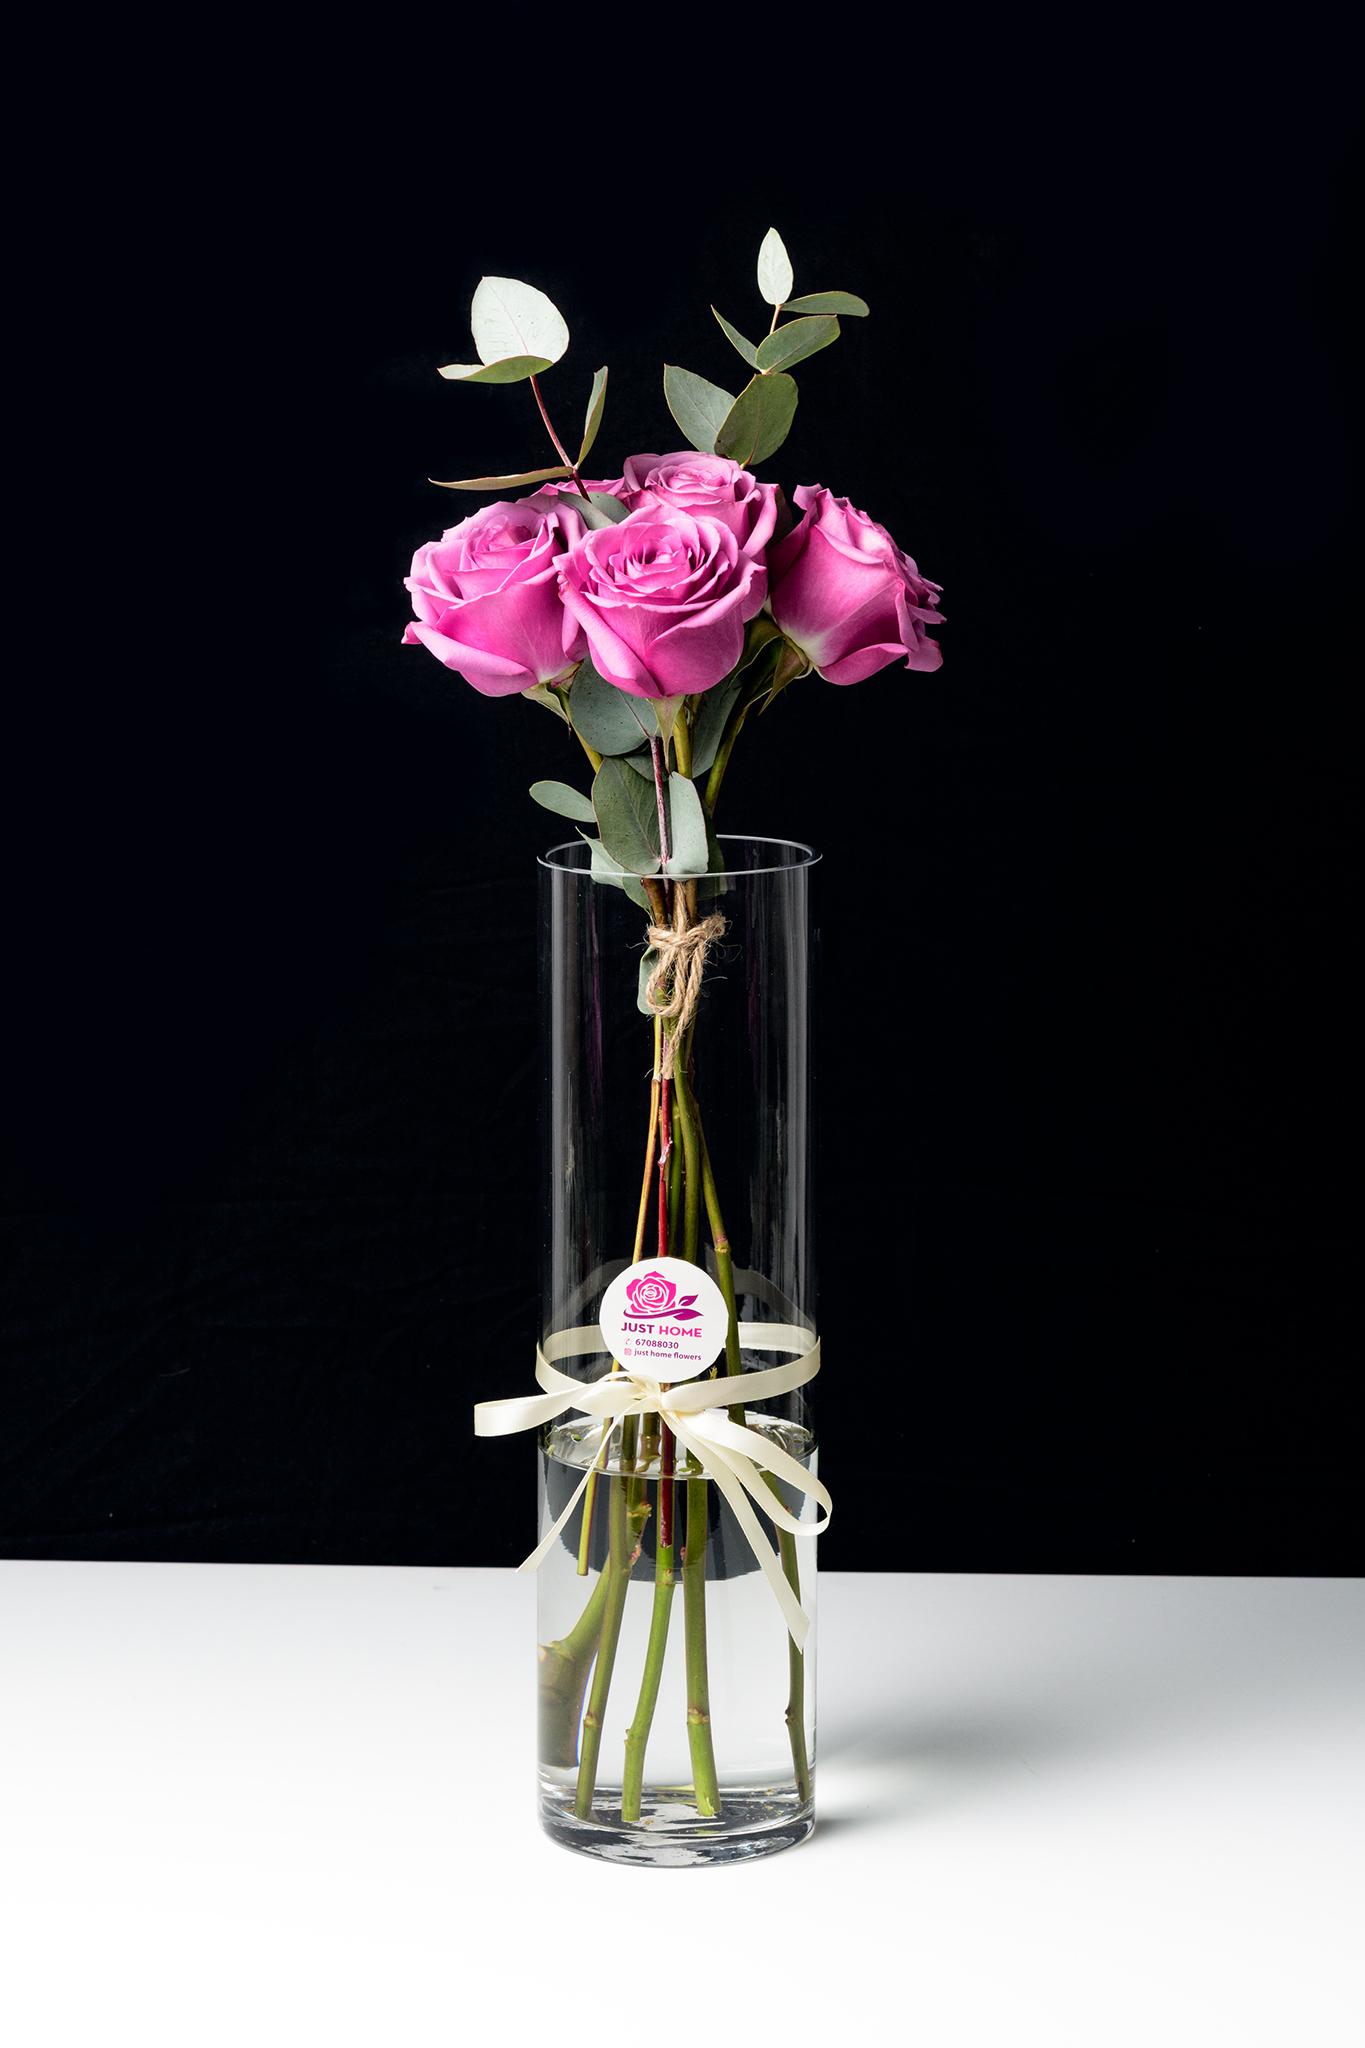 الحب 'زهور مع قاعدة'